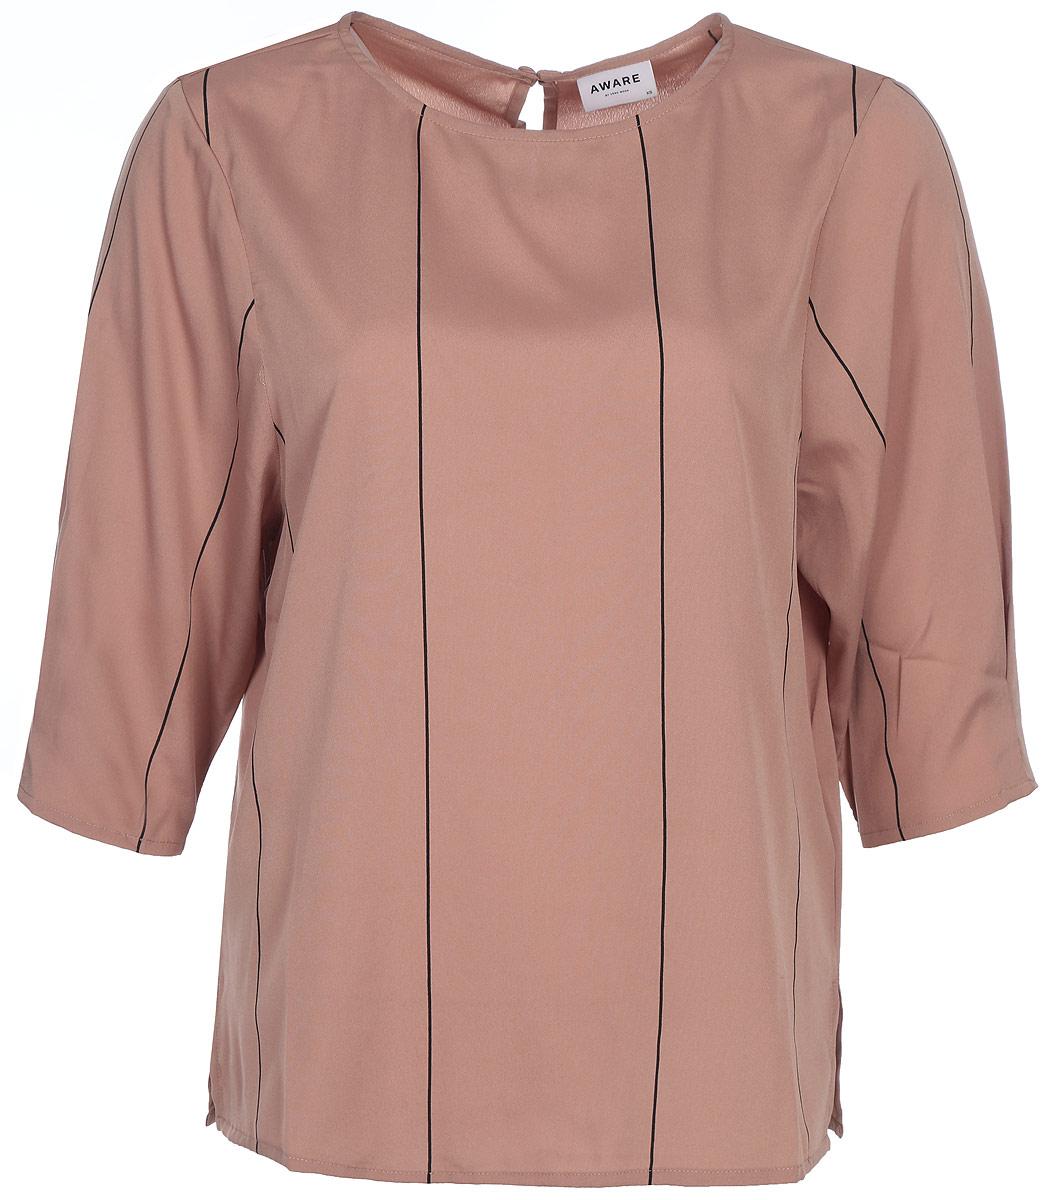 Блузка женская Vero Moda, цвет: коричневый. 10187952_Mocha Mousse. Размер 42/44 блузка женская vero moda цвет коричневый 10187780 mocha mousse размер 42 44